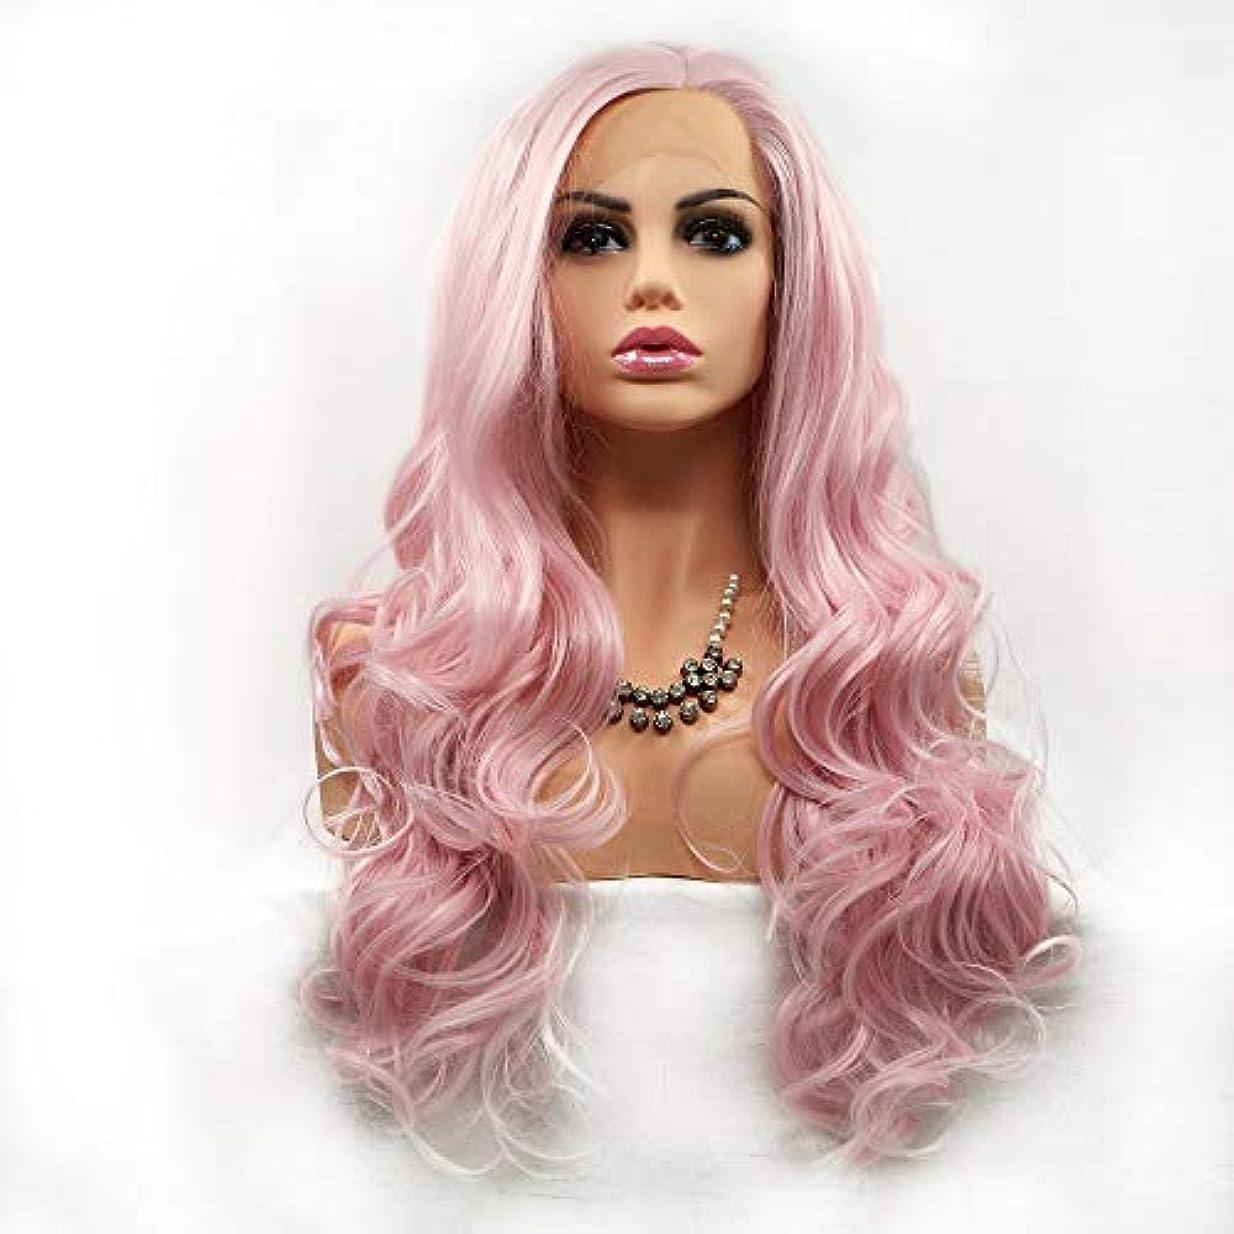 灰イディオム警戒HAILAN HOME-かつら ピンクFarseeing髪カーリーヘアウィッグレディース手作りのレースのヨーロッパとアメリカのウィッグは、リアルなリアルな換気を設定ウィッグ髪で設定します。